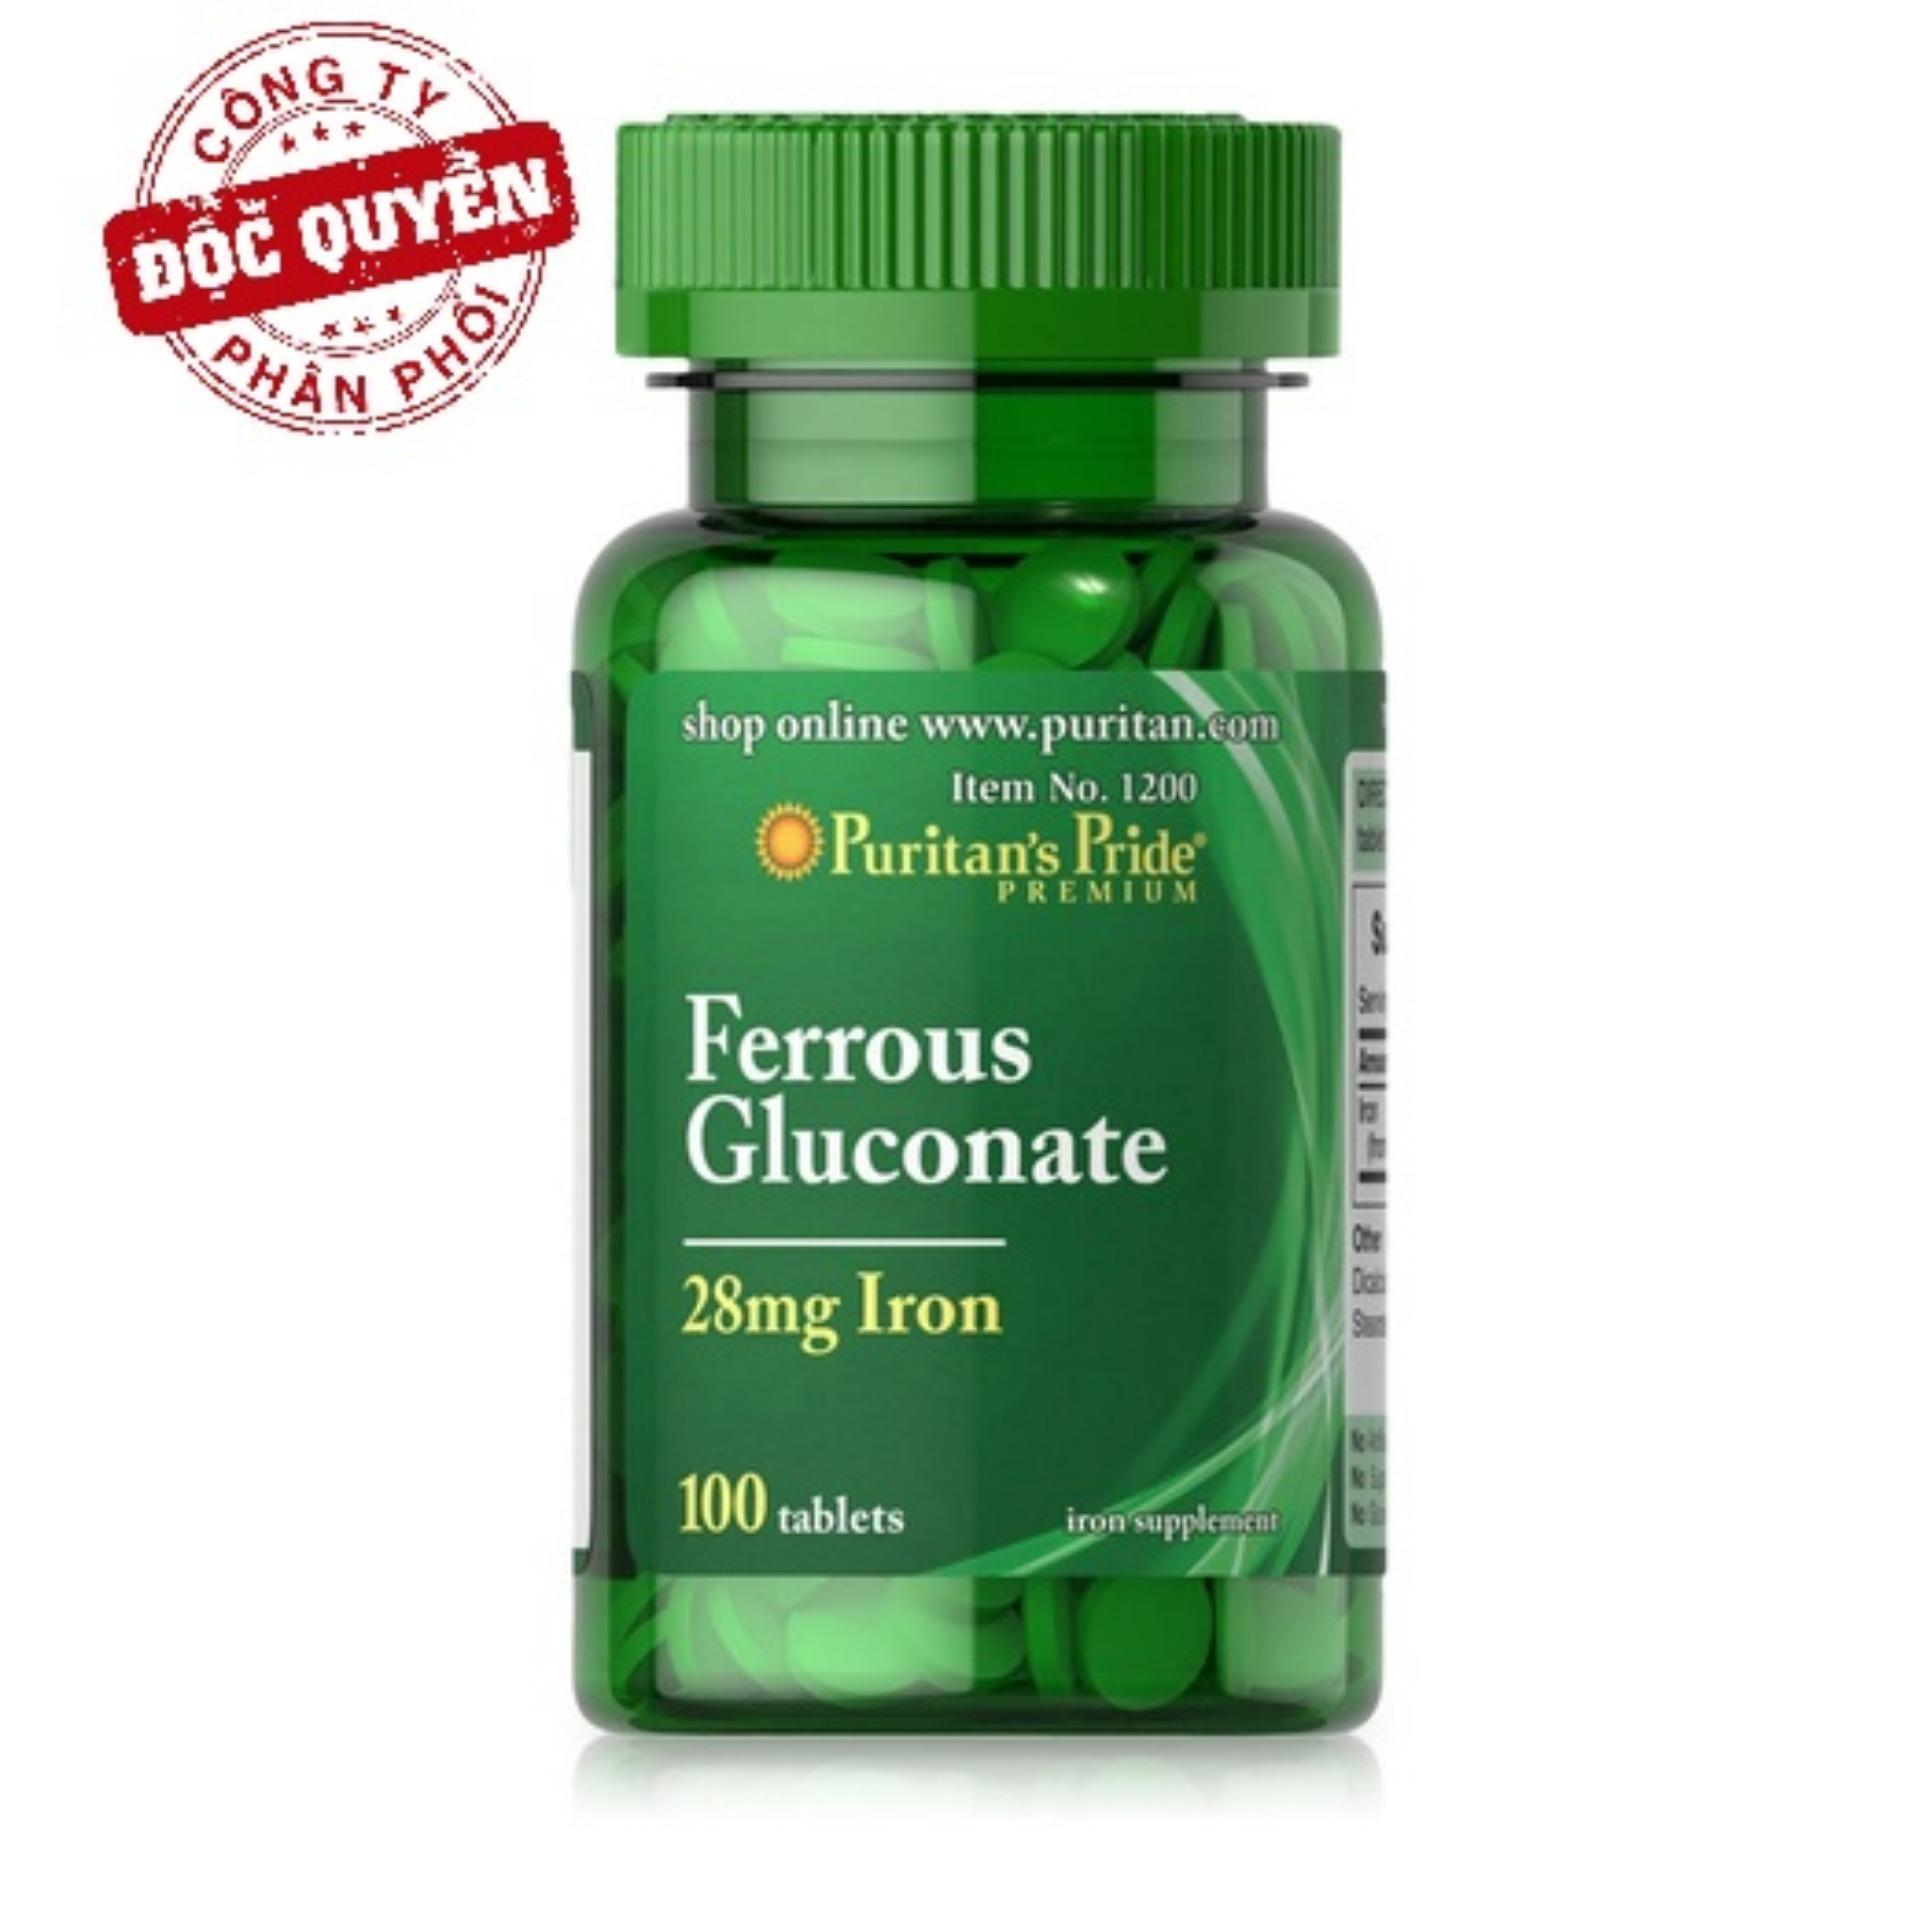 Viên uống bổ sung sắt giúp bổ máu, phòng ngừa thiếu máu Puritan's Pride Ferrous Gluconate 28mg Iron 100 viên HSD: 3/2020